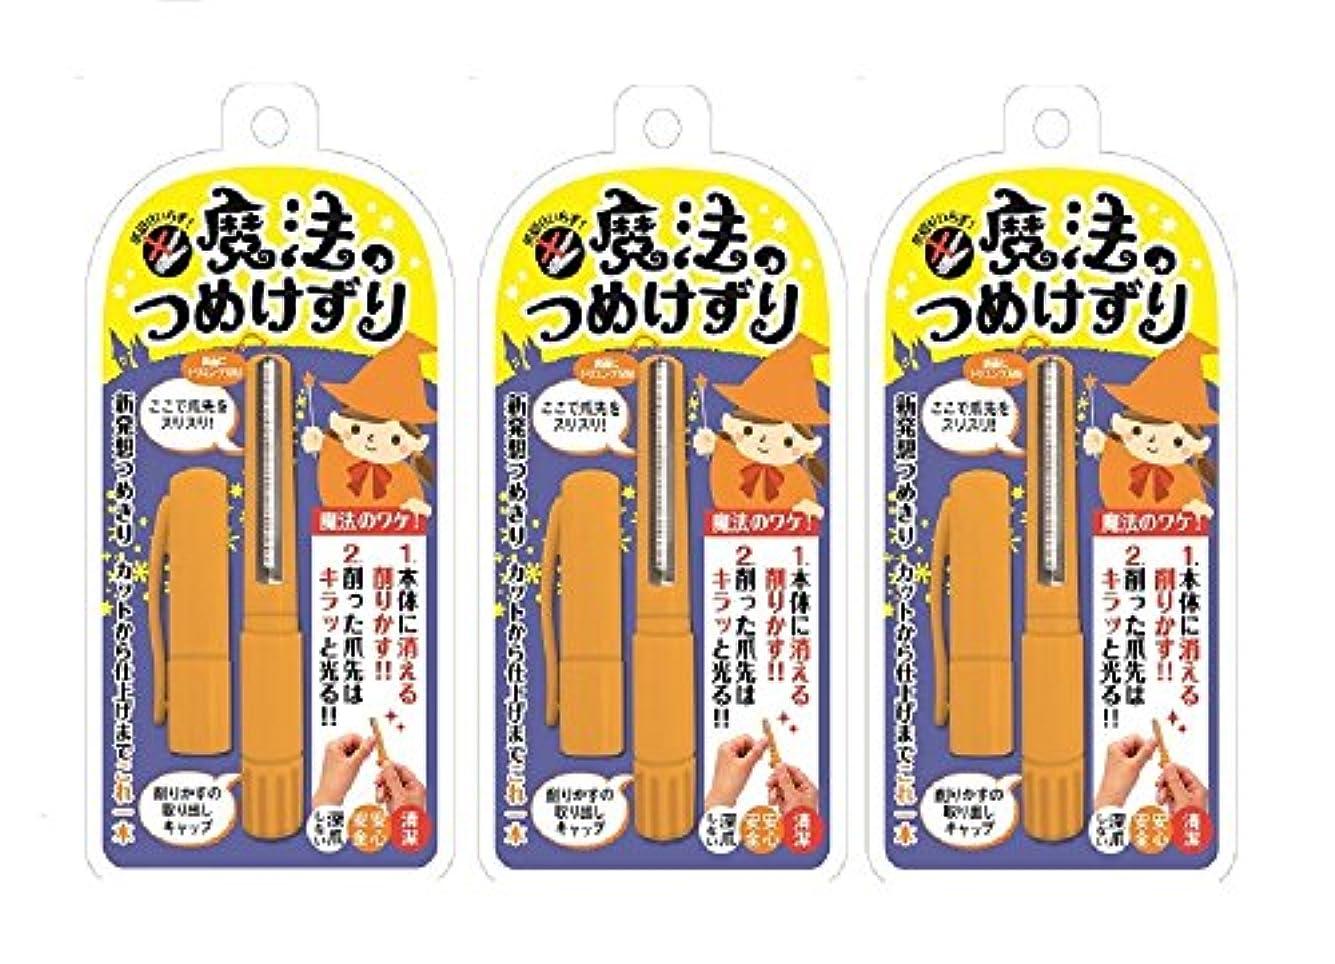 共和国コンパイルタイト松本金型 魔法のつめけずり MM-090 オレンジ 3個セット